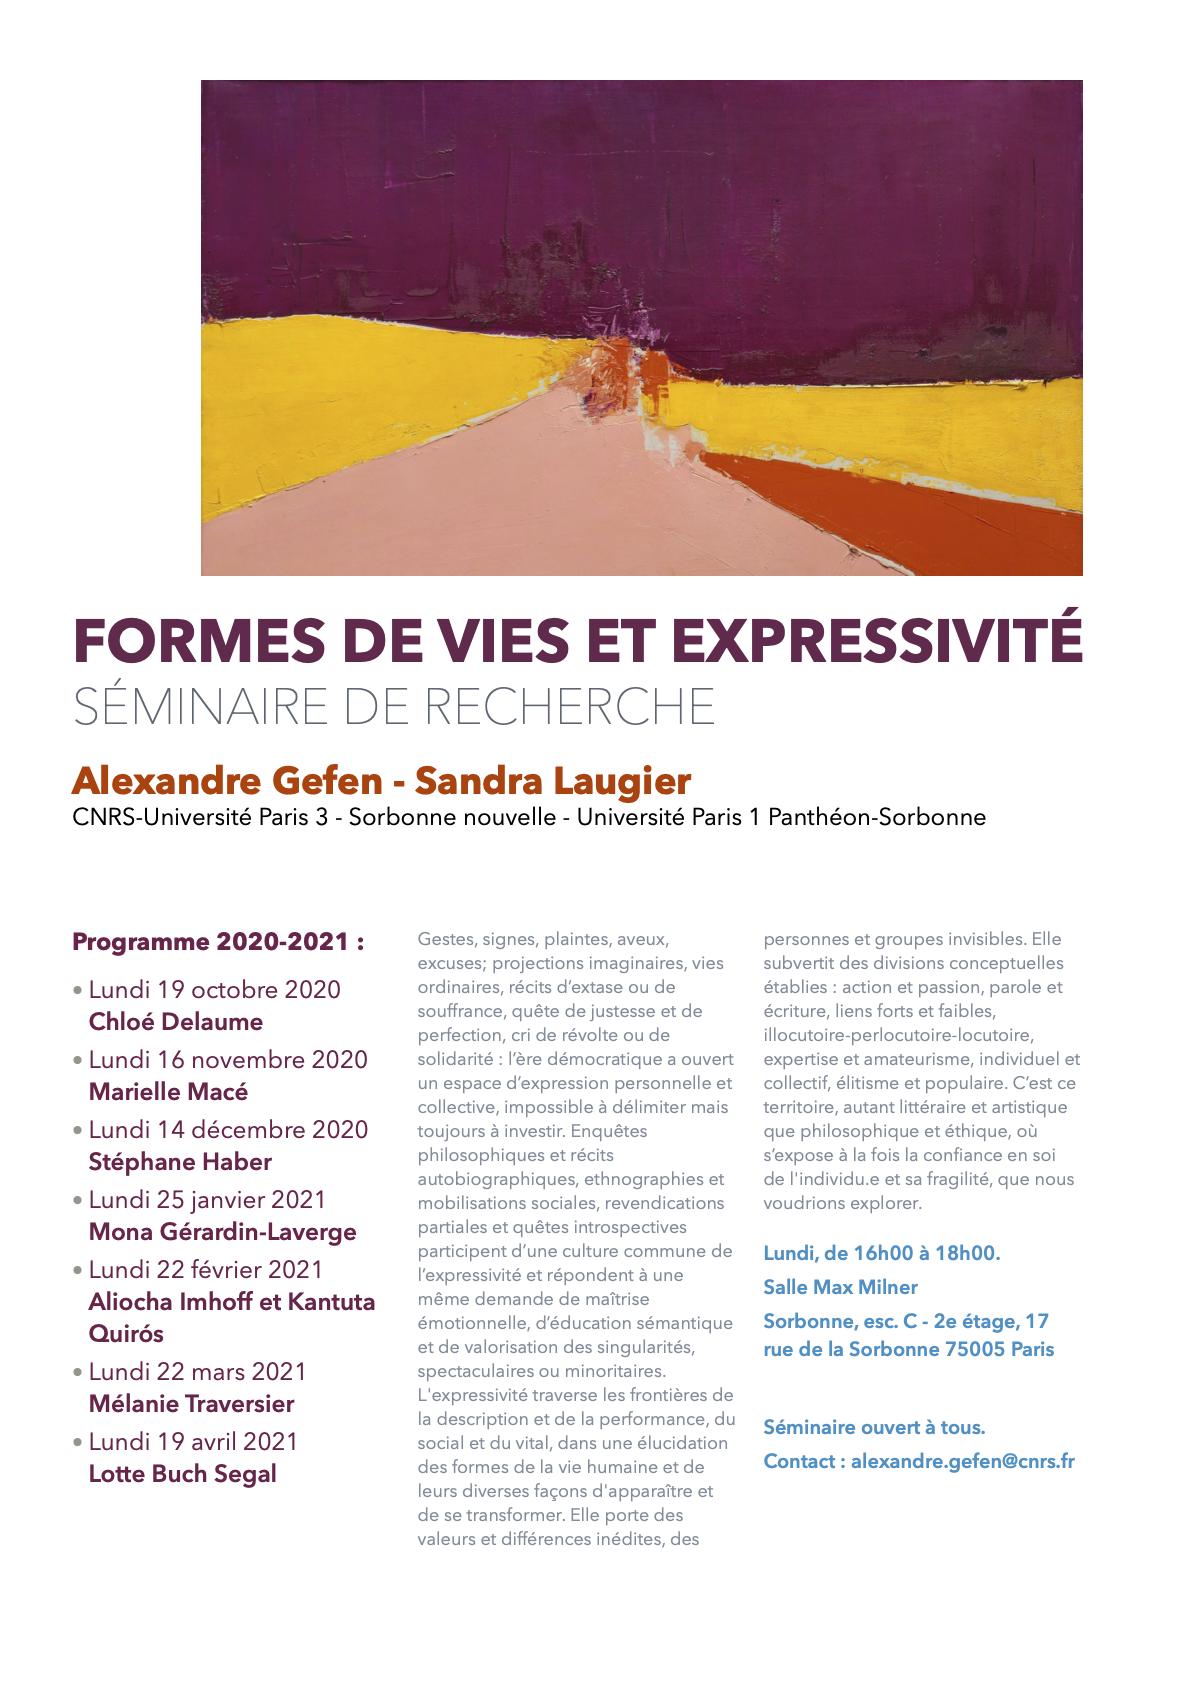 Aliocha Imhoff et Kantuta Quirós (Formes de vies et Expressivité - Séminaire de recherche 2020-2021)